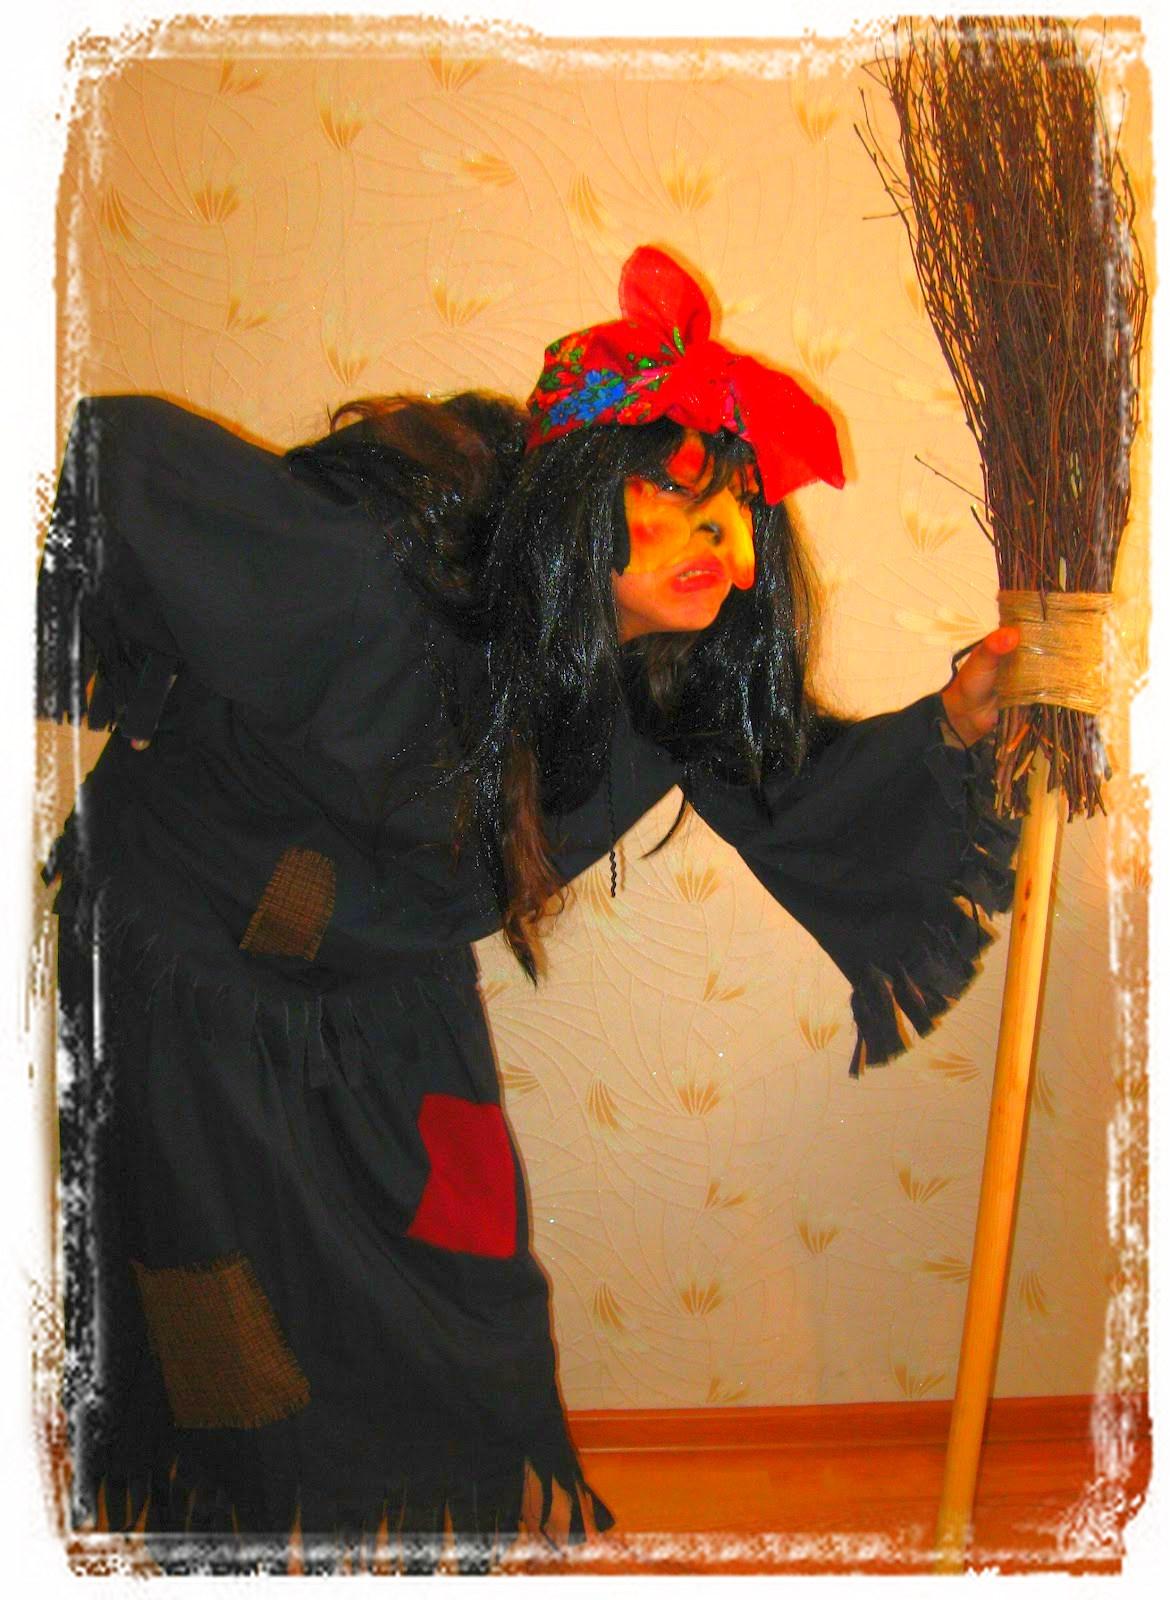 Как в домашних условиях сделать костюм бабы яги в домашних условиях